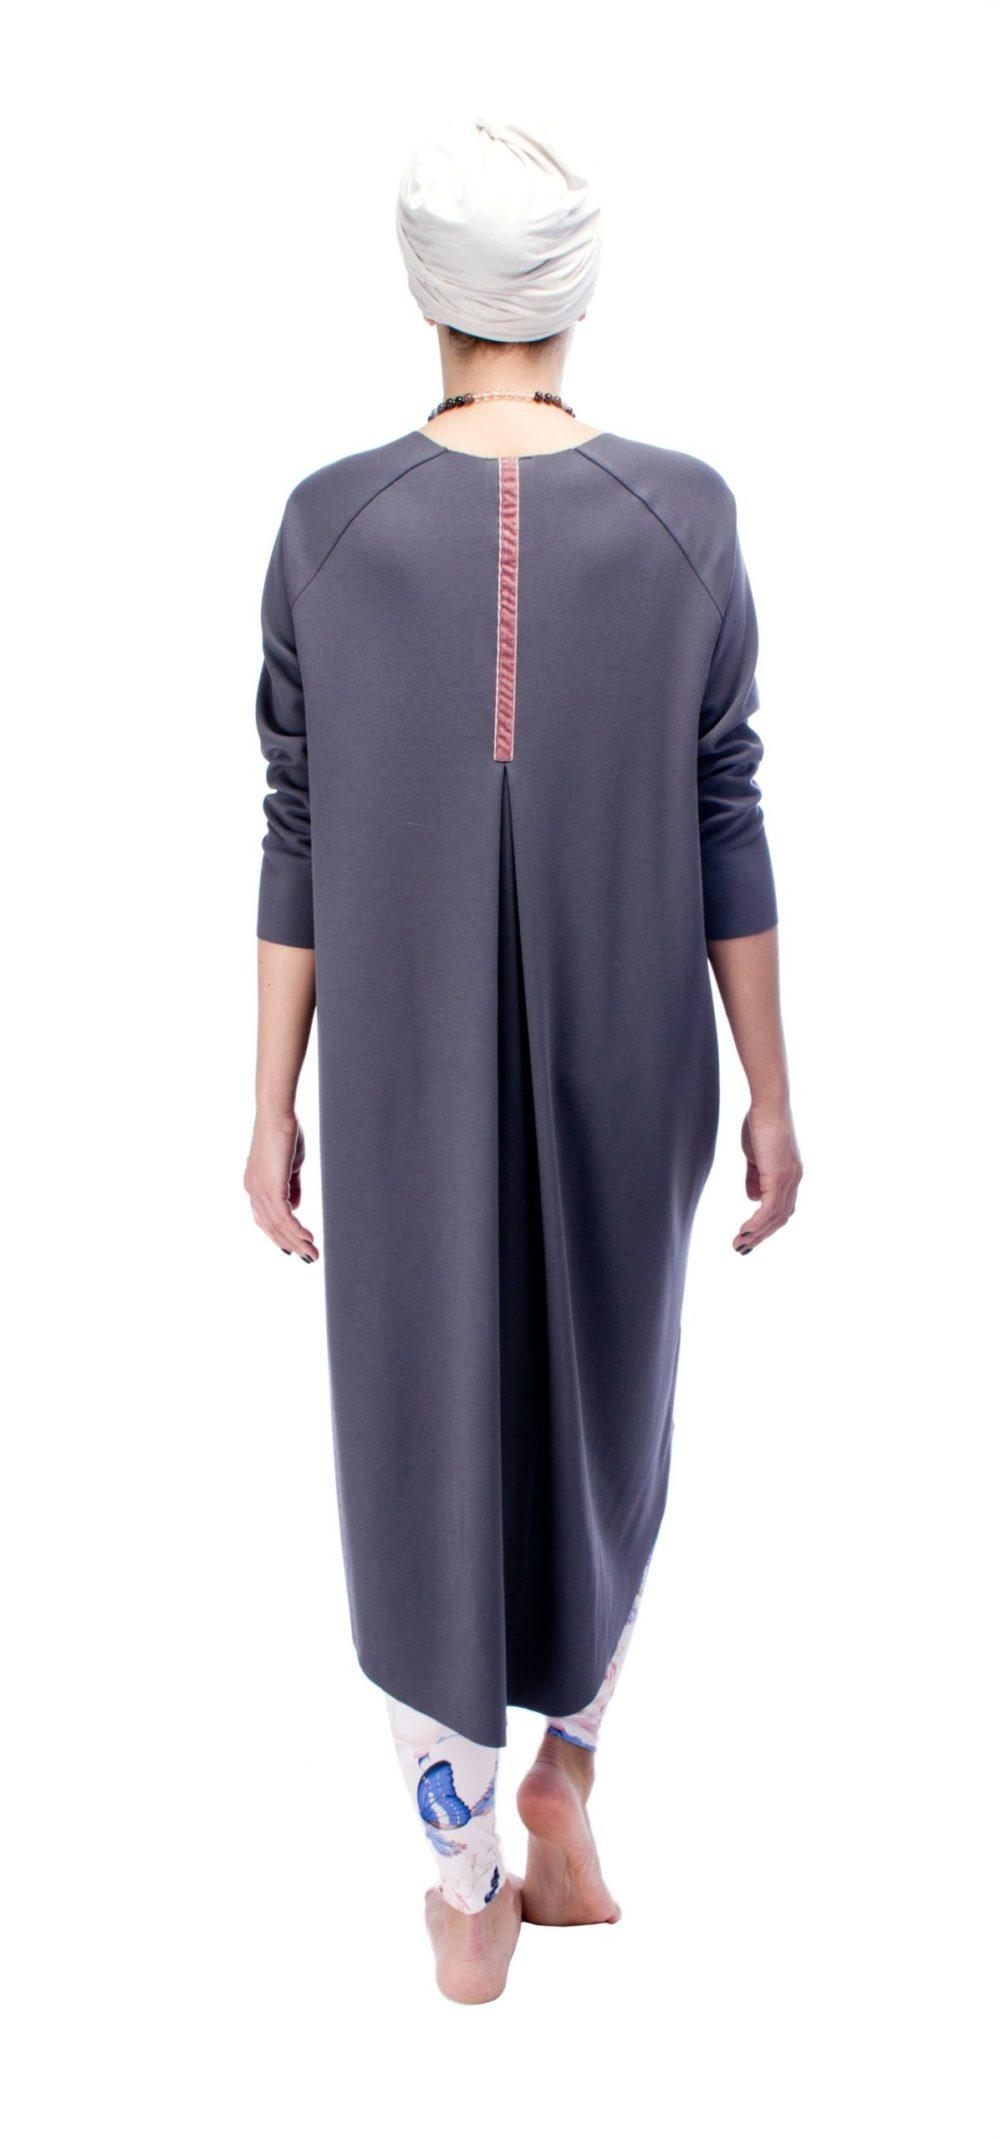 Indigo Grey Dress O/S 3